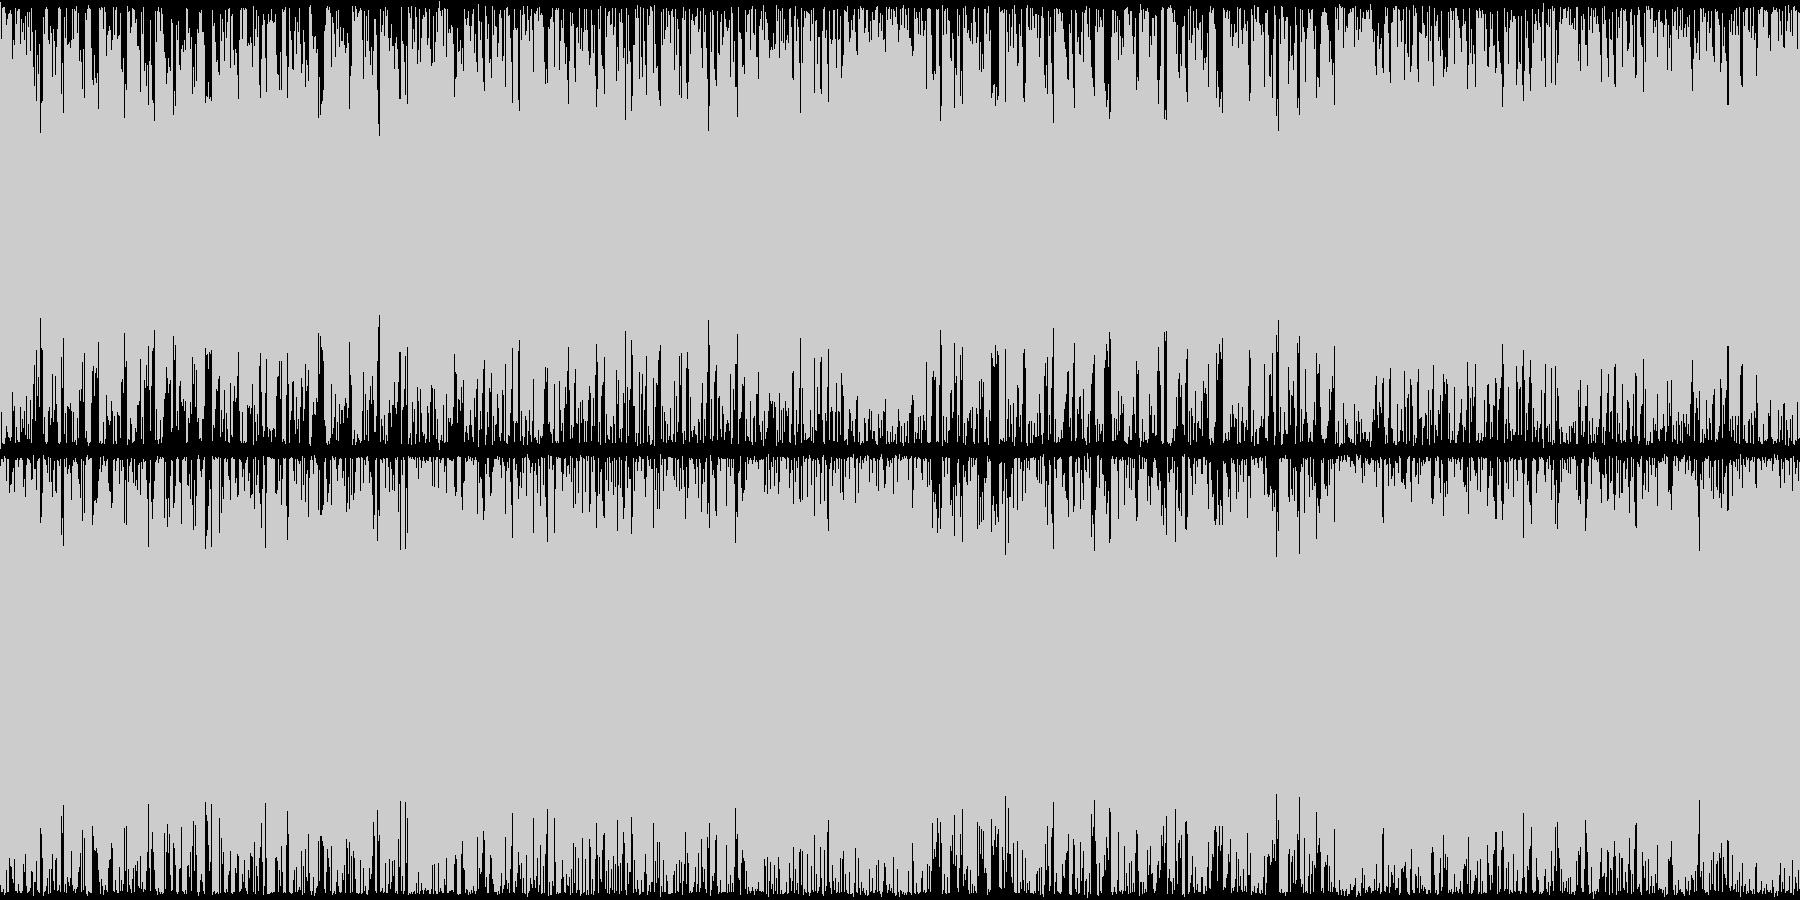 戦闘シーンBGMの未再生の波形